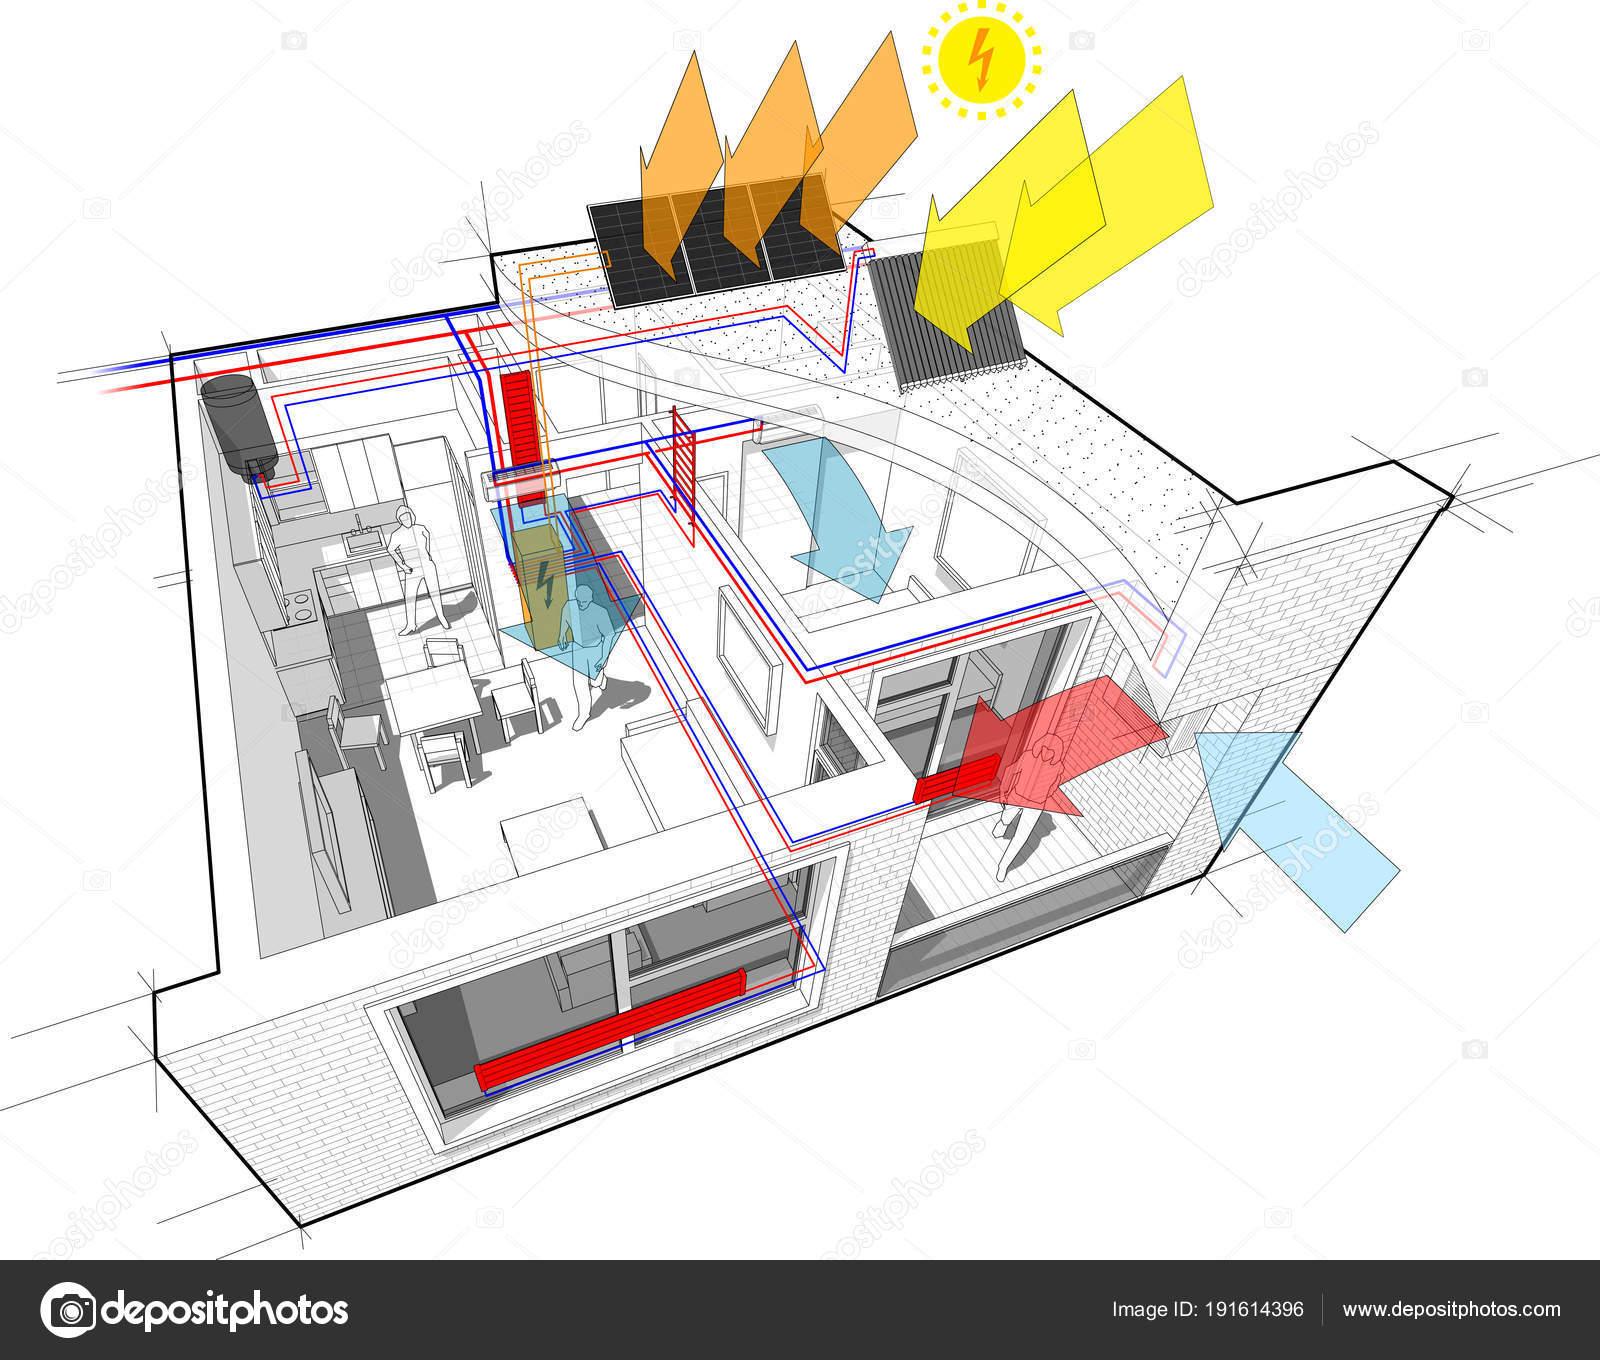 Wohnung Komplett Möbliert Mit Warmwasser Heizung Und Zentralheizung ...